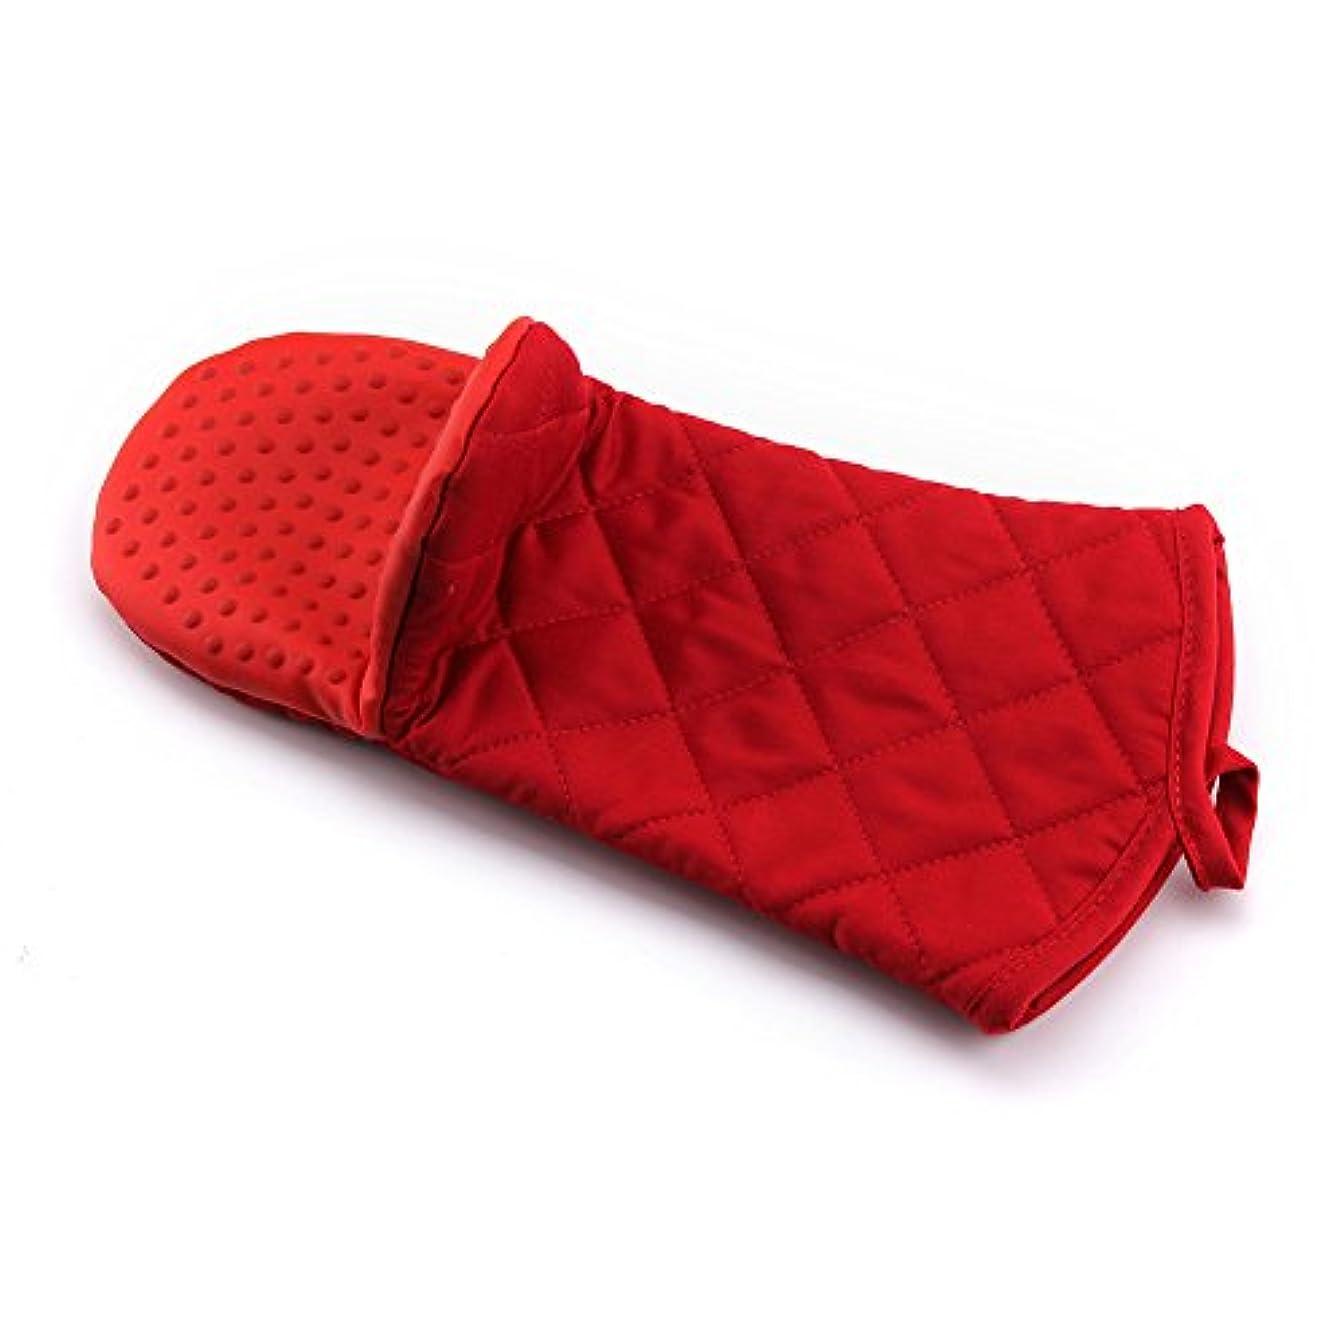 病んでいる祝福する時計回りOUYOU 耐熱グローブ シリコンチェック 耐熱温度280℃ キッチングローブ オーブンミトン シリコン手袋 滑り止め クッキング用 フリーサイズ 2個セット